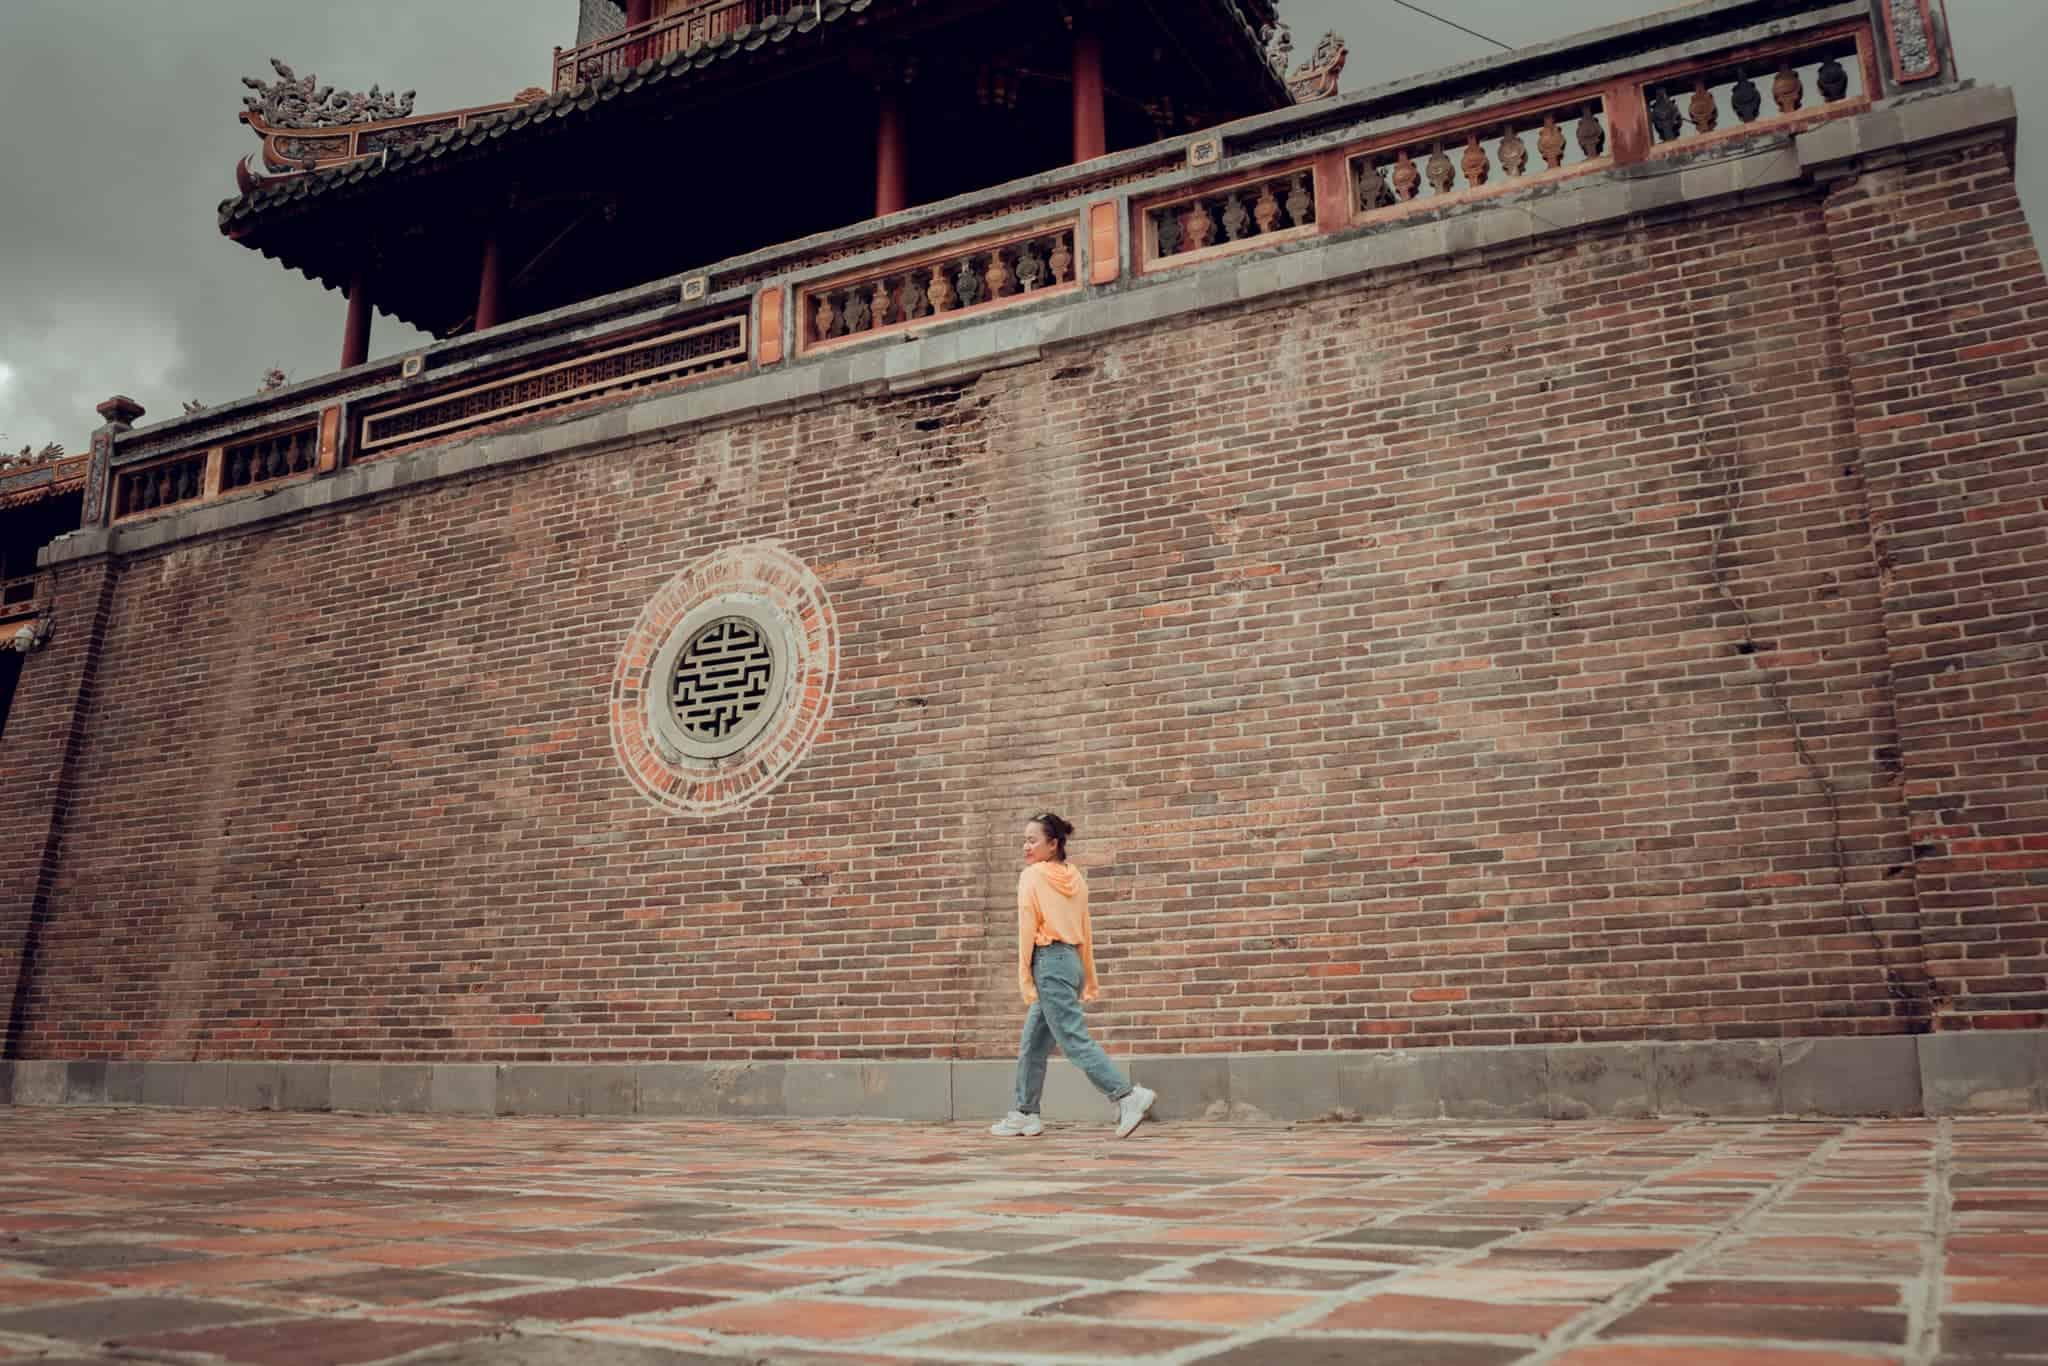 Highlights of Ngo Mon Gate (Phuong Nhi)